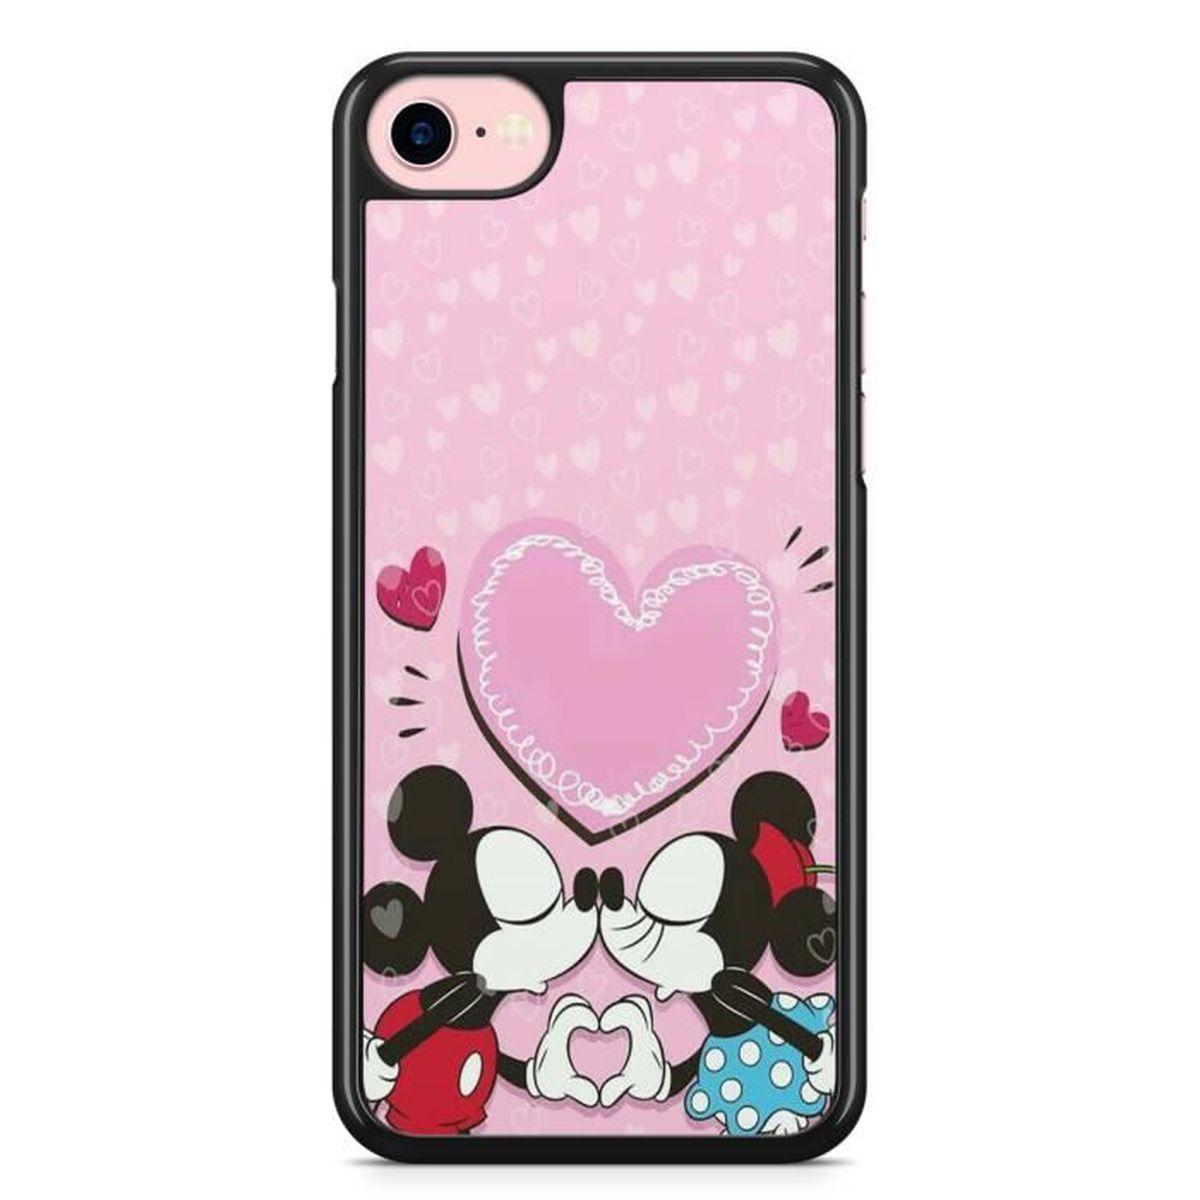 coque iphone 6 6s mickey minnie st valentin etui h